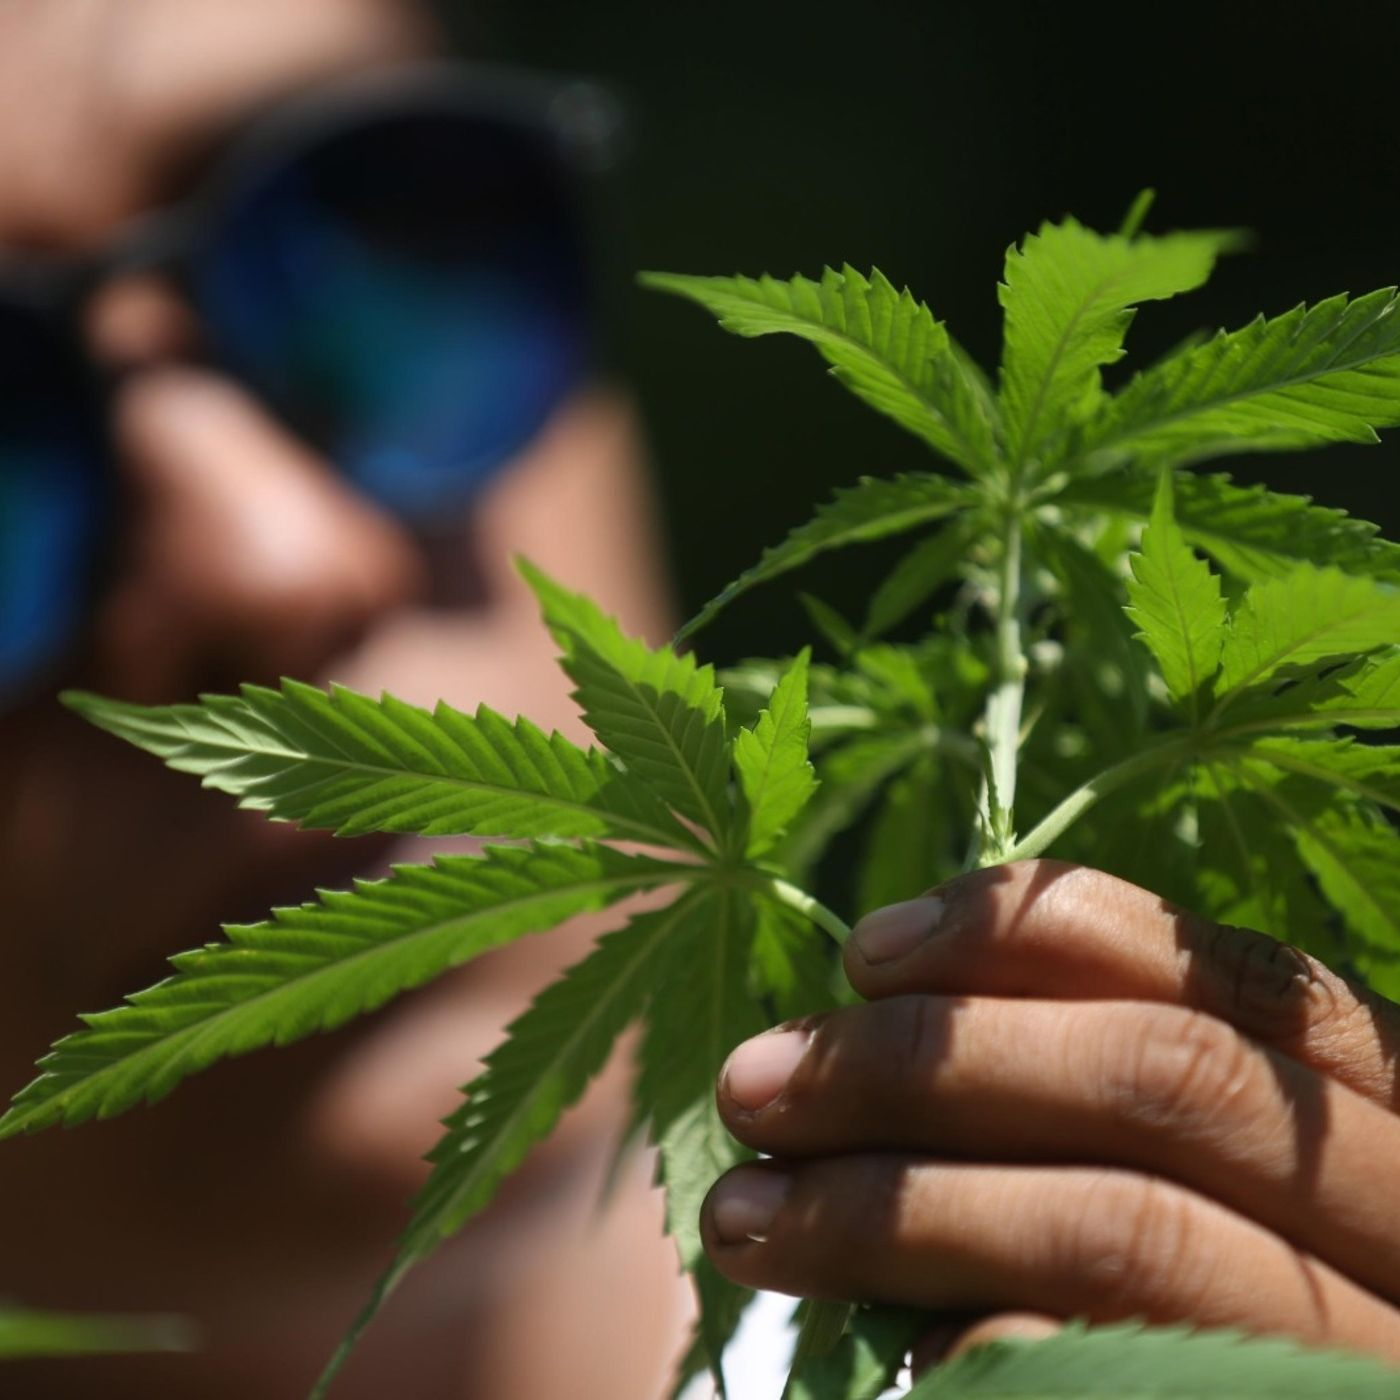 Gli stupefacenti risvolti del referendum sulla cannabis